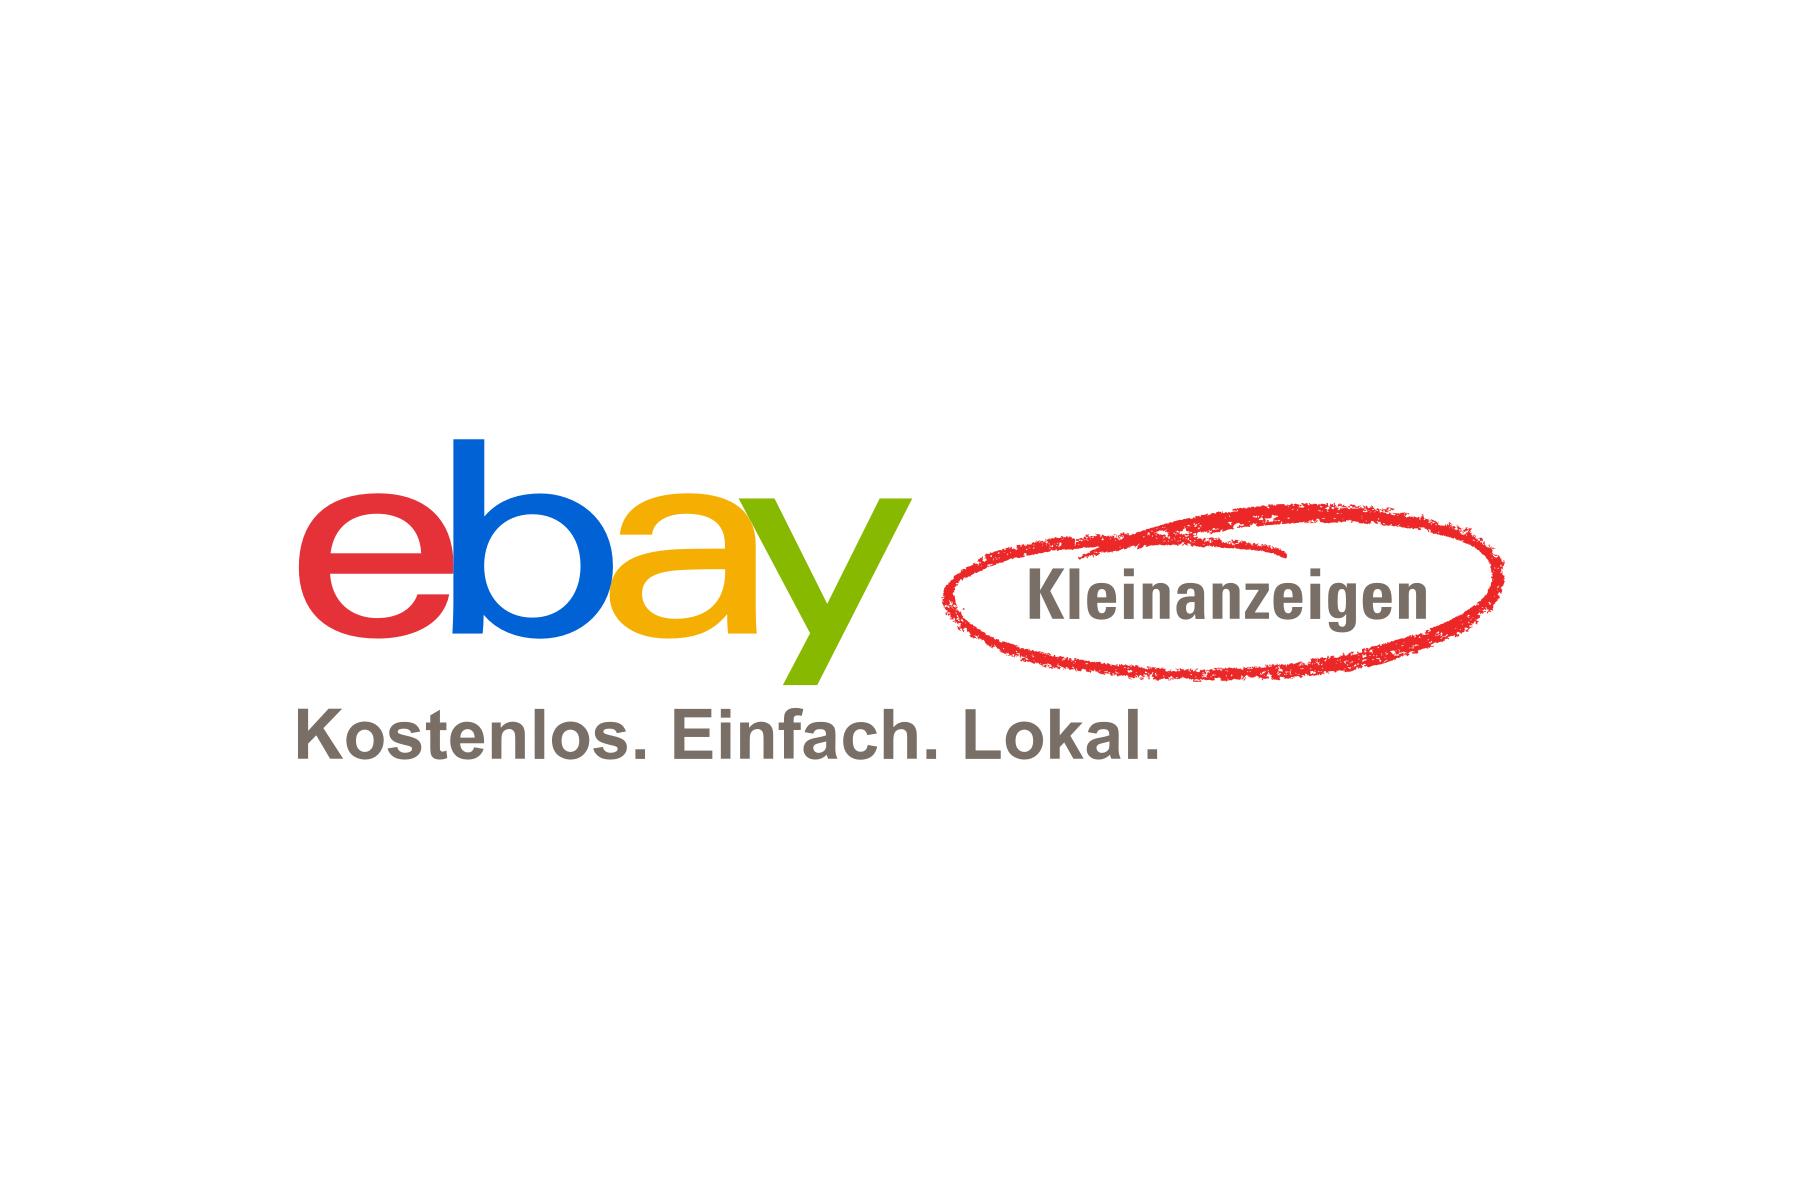 Ebay Kleinanzeigen Anmelden